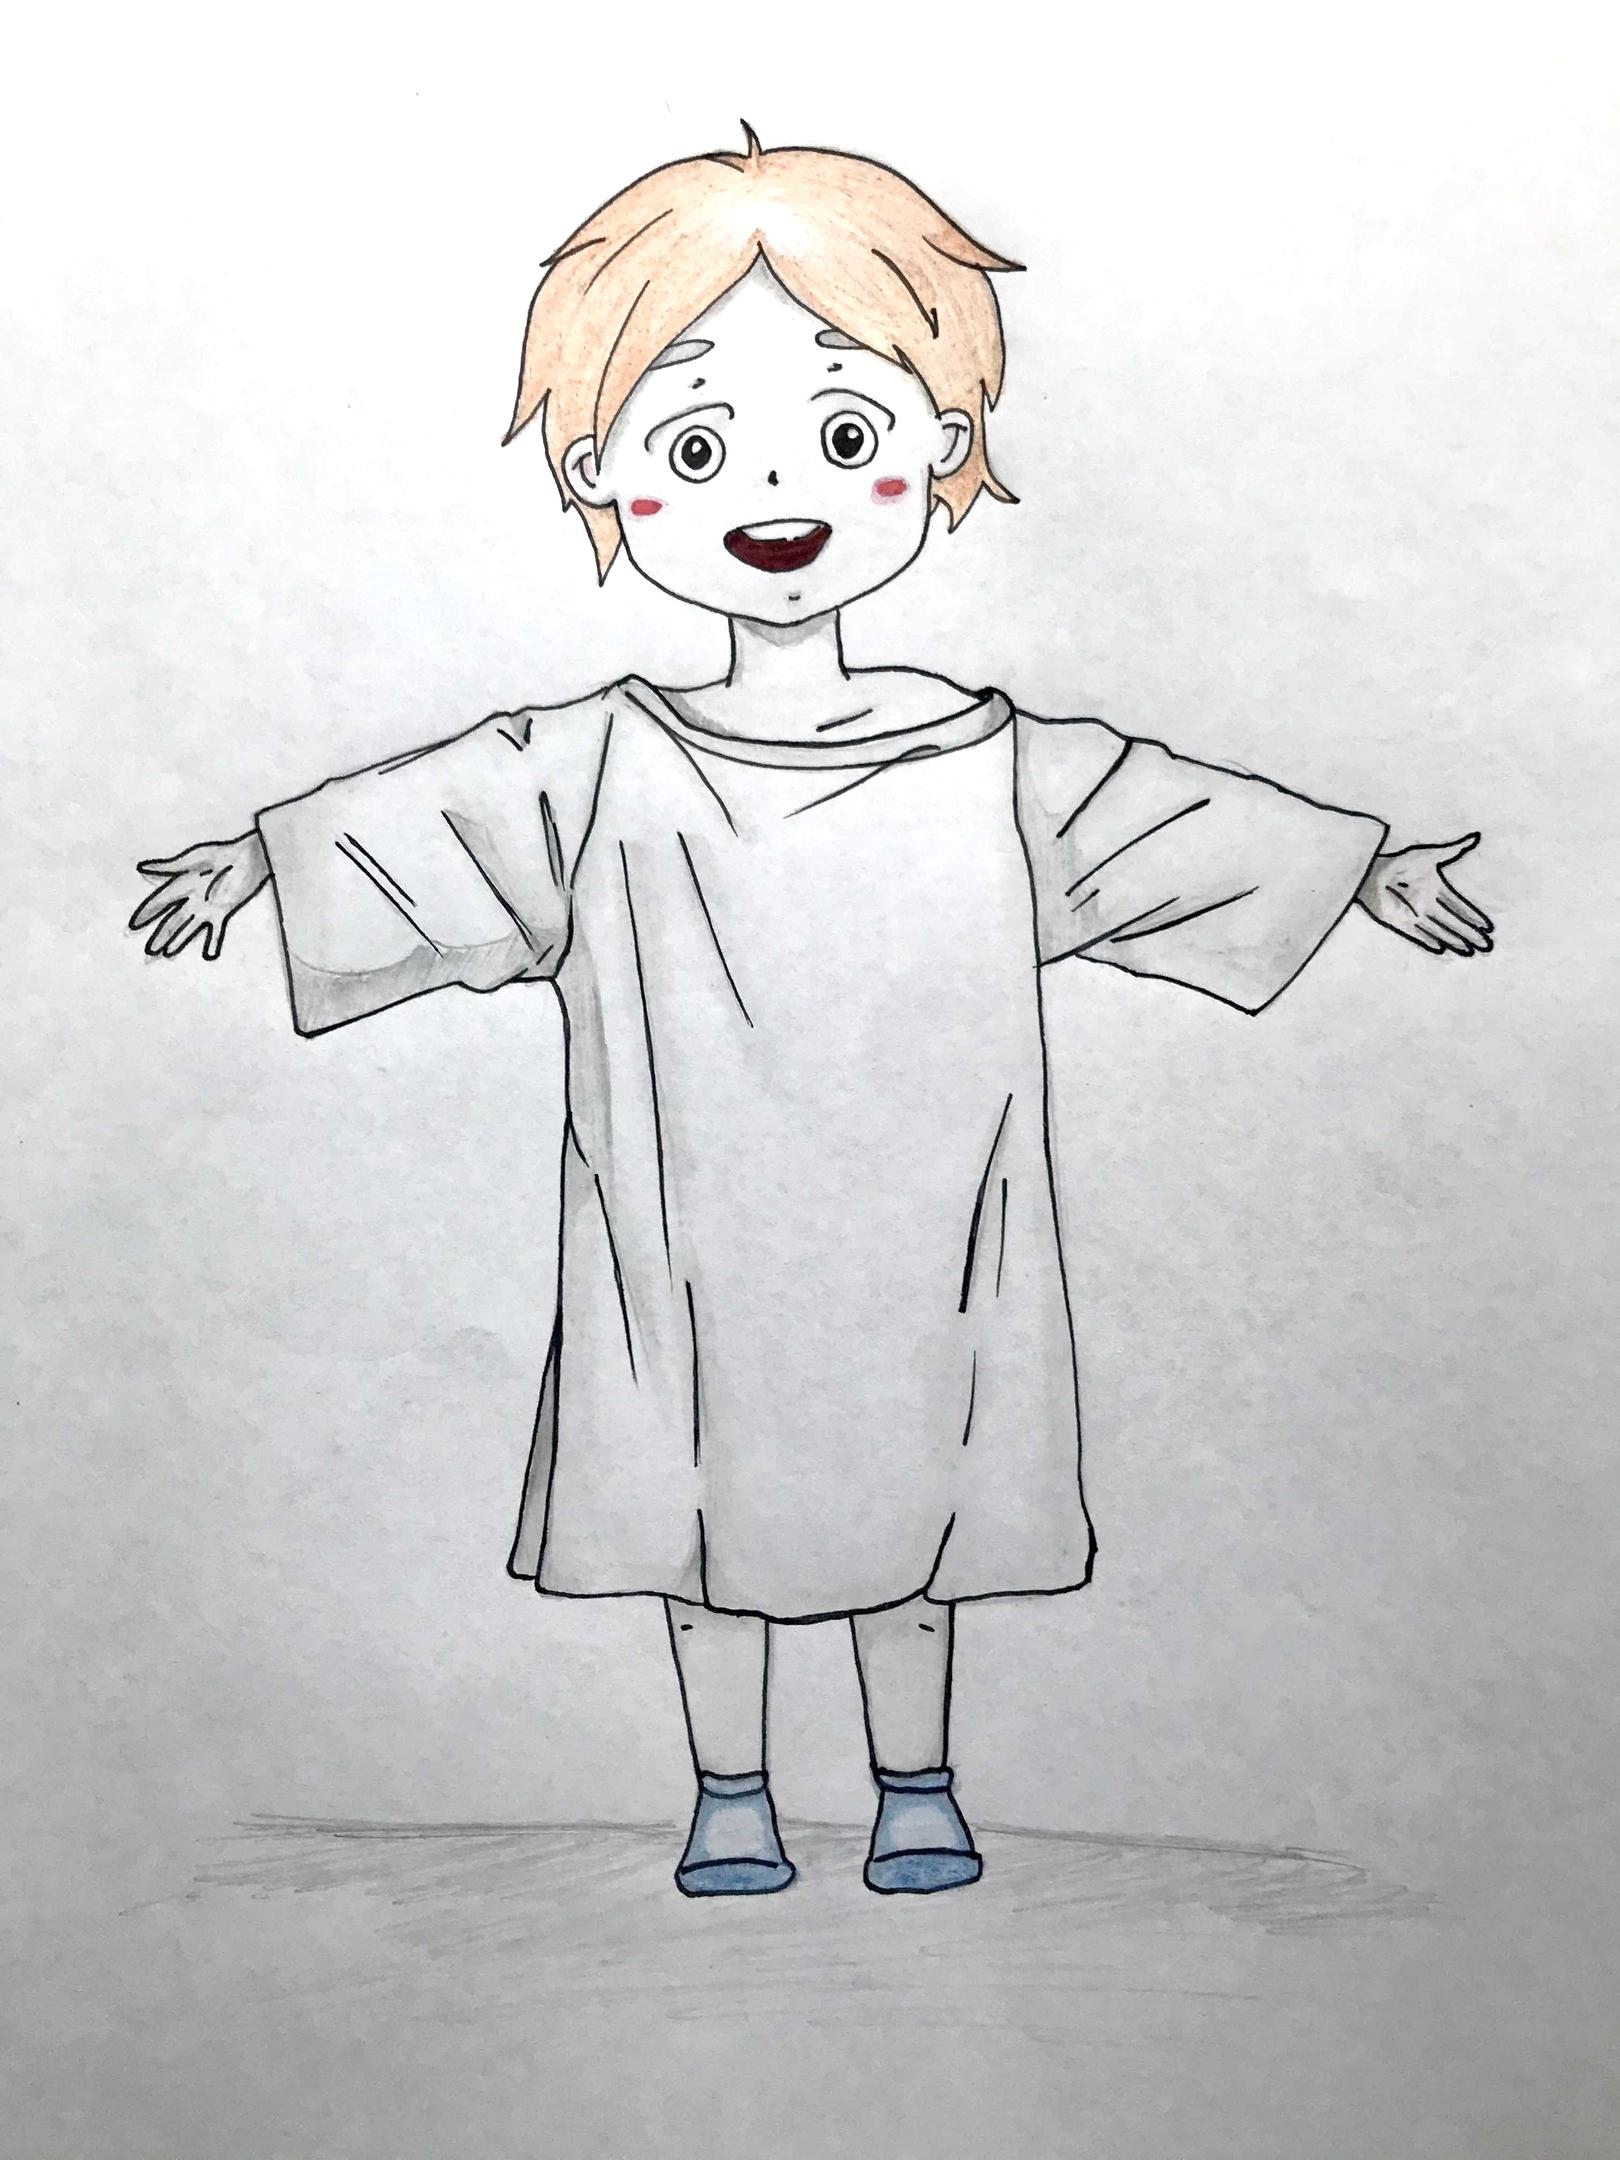 Как нарисовать ребенка поэтапно в стиле манга